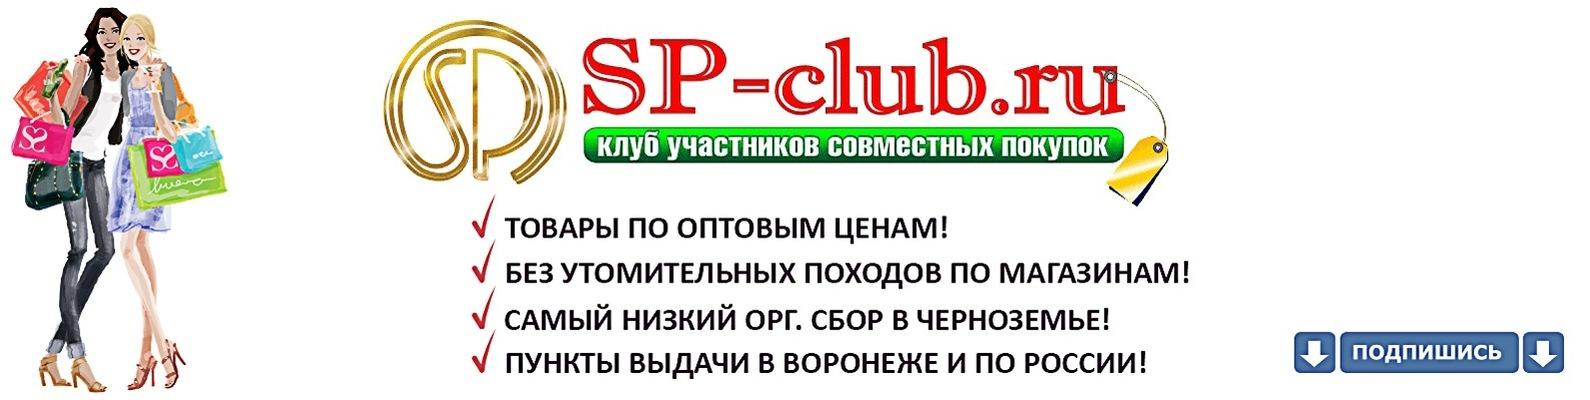 СОВМЕСТНЫЕ ПОКУПКИ SP-CLUB.RU Воронеж, Липецк   ВКонтакте 92efd32e940